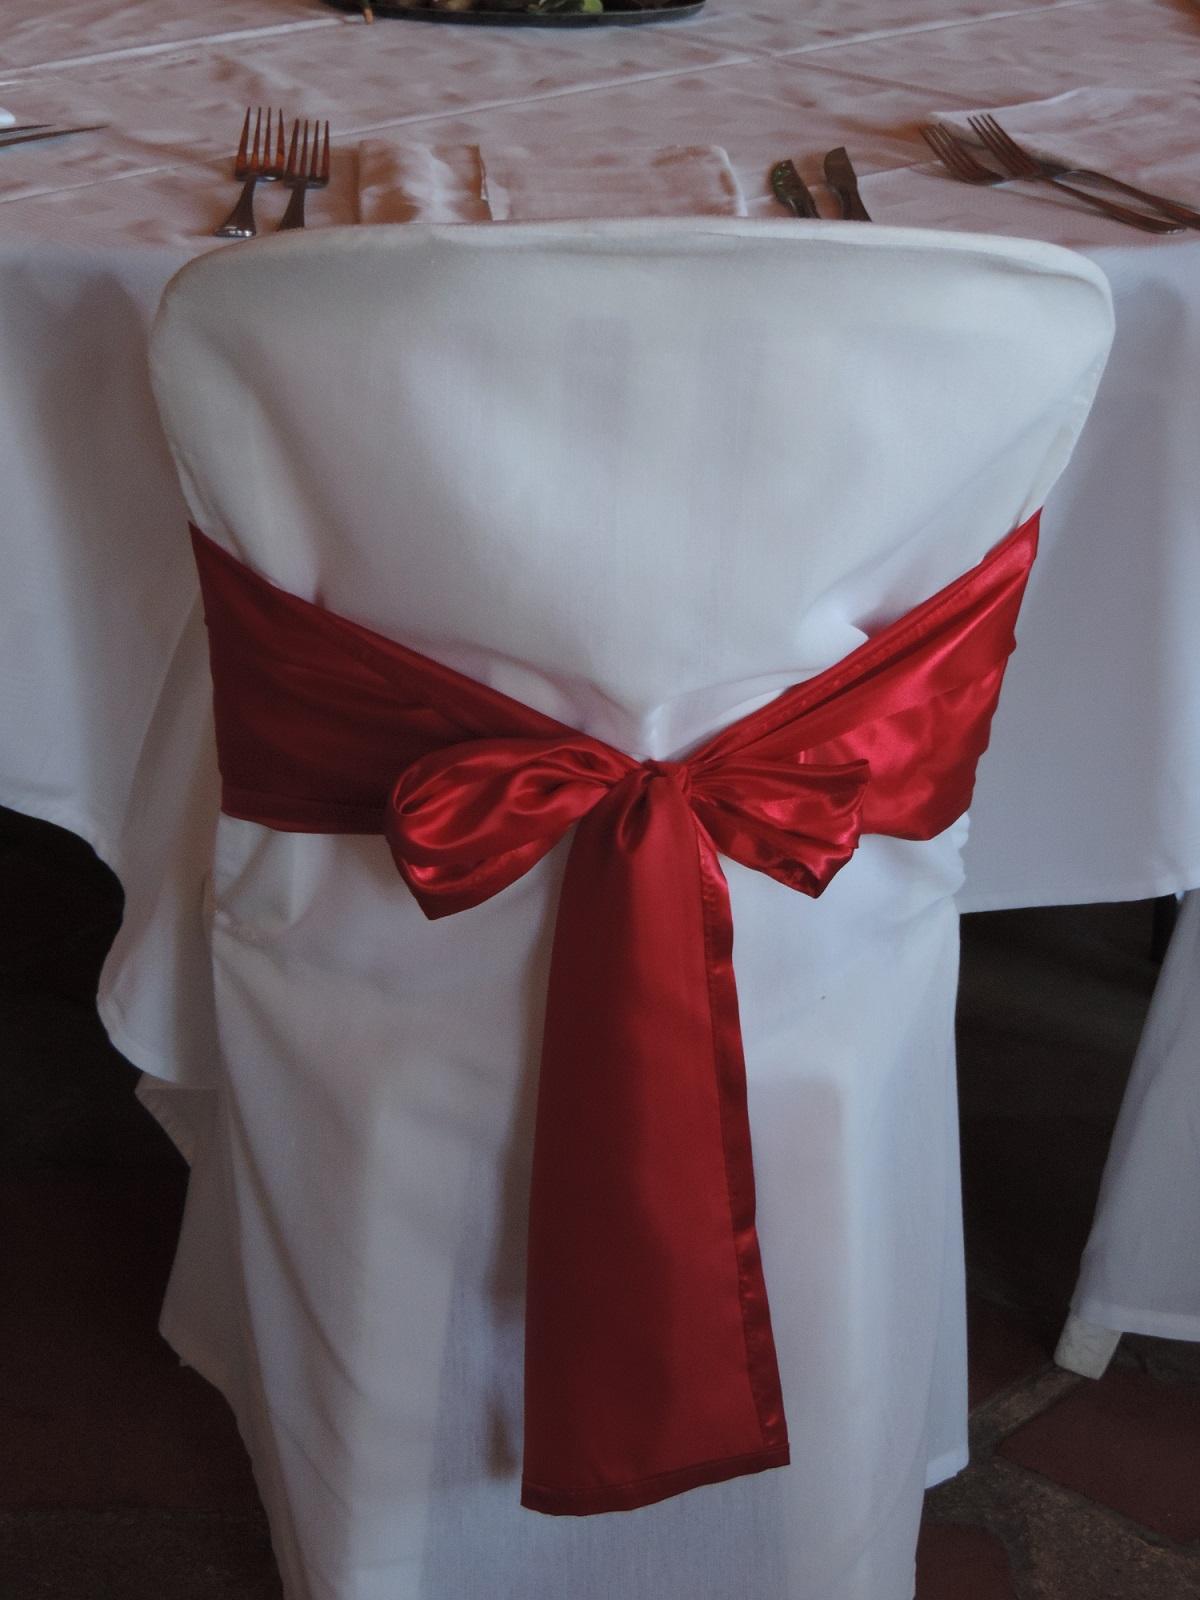 Les housses de sophie rouge - Housse de chaise rouge ...